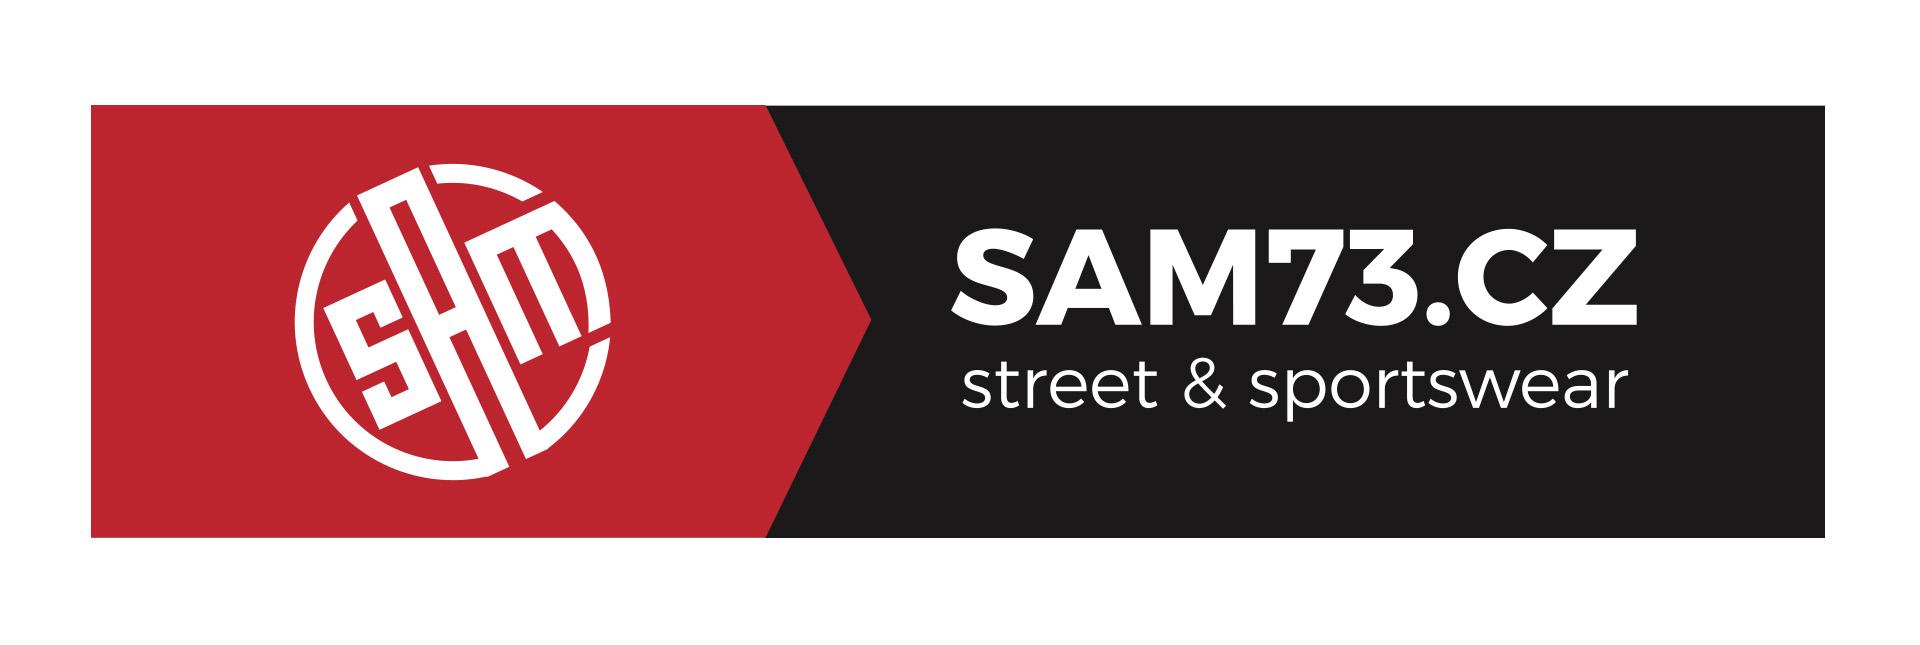 sam73 logo